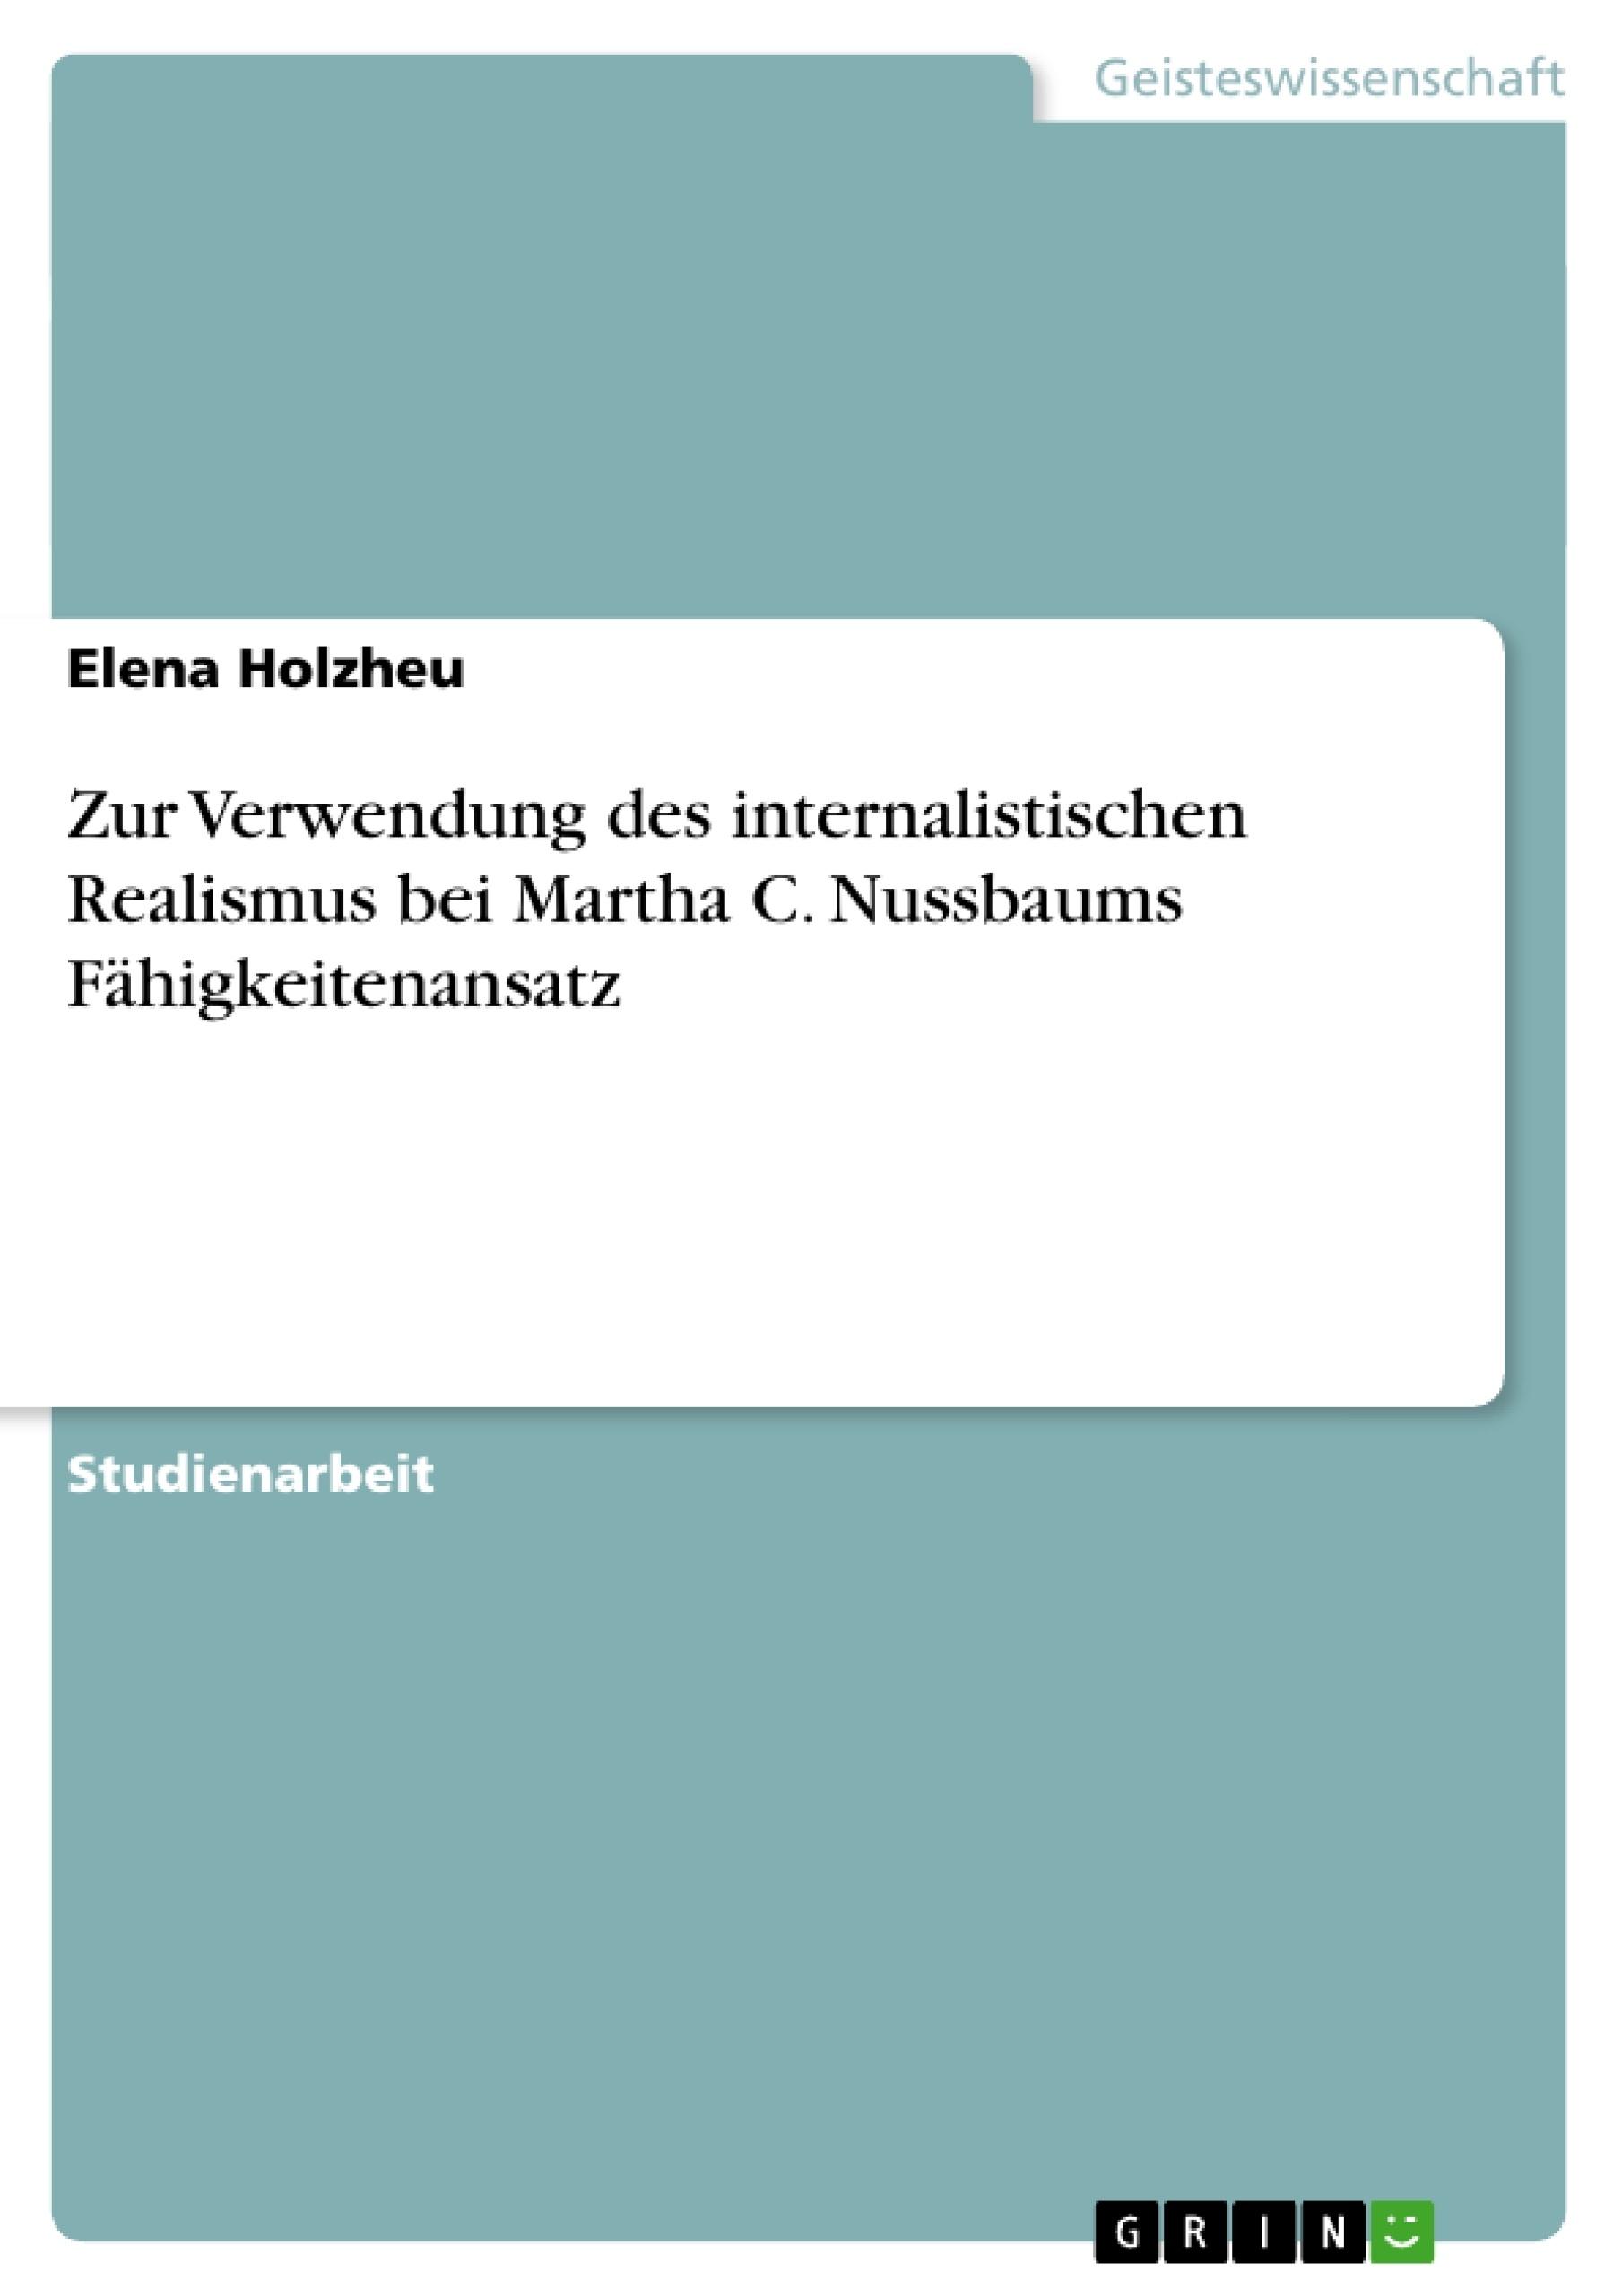 Titel: Zur Verwendung des internalistischen Realismus bei Martha C. Nussbaums Fähigkeitenansatz